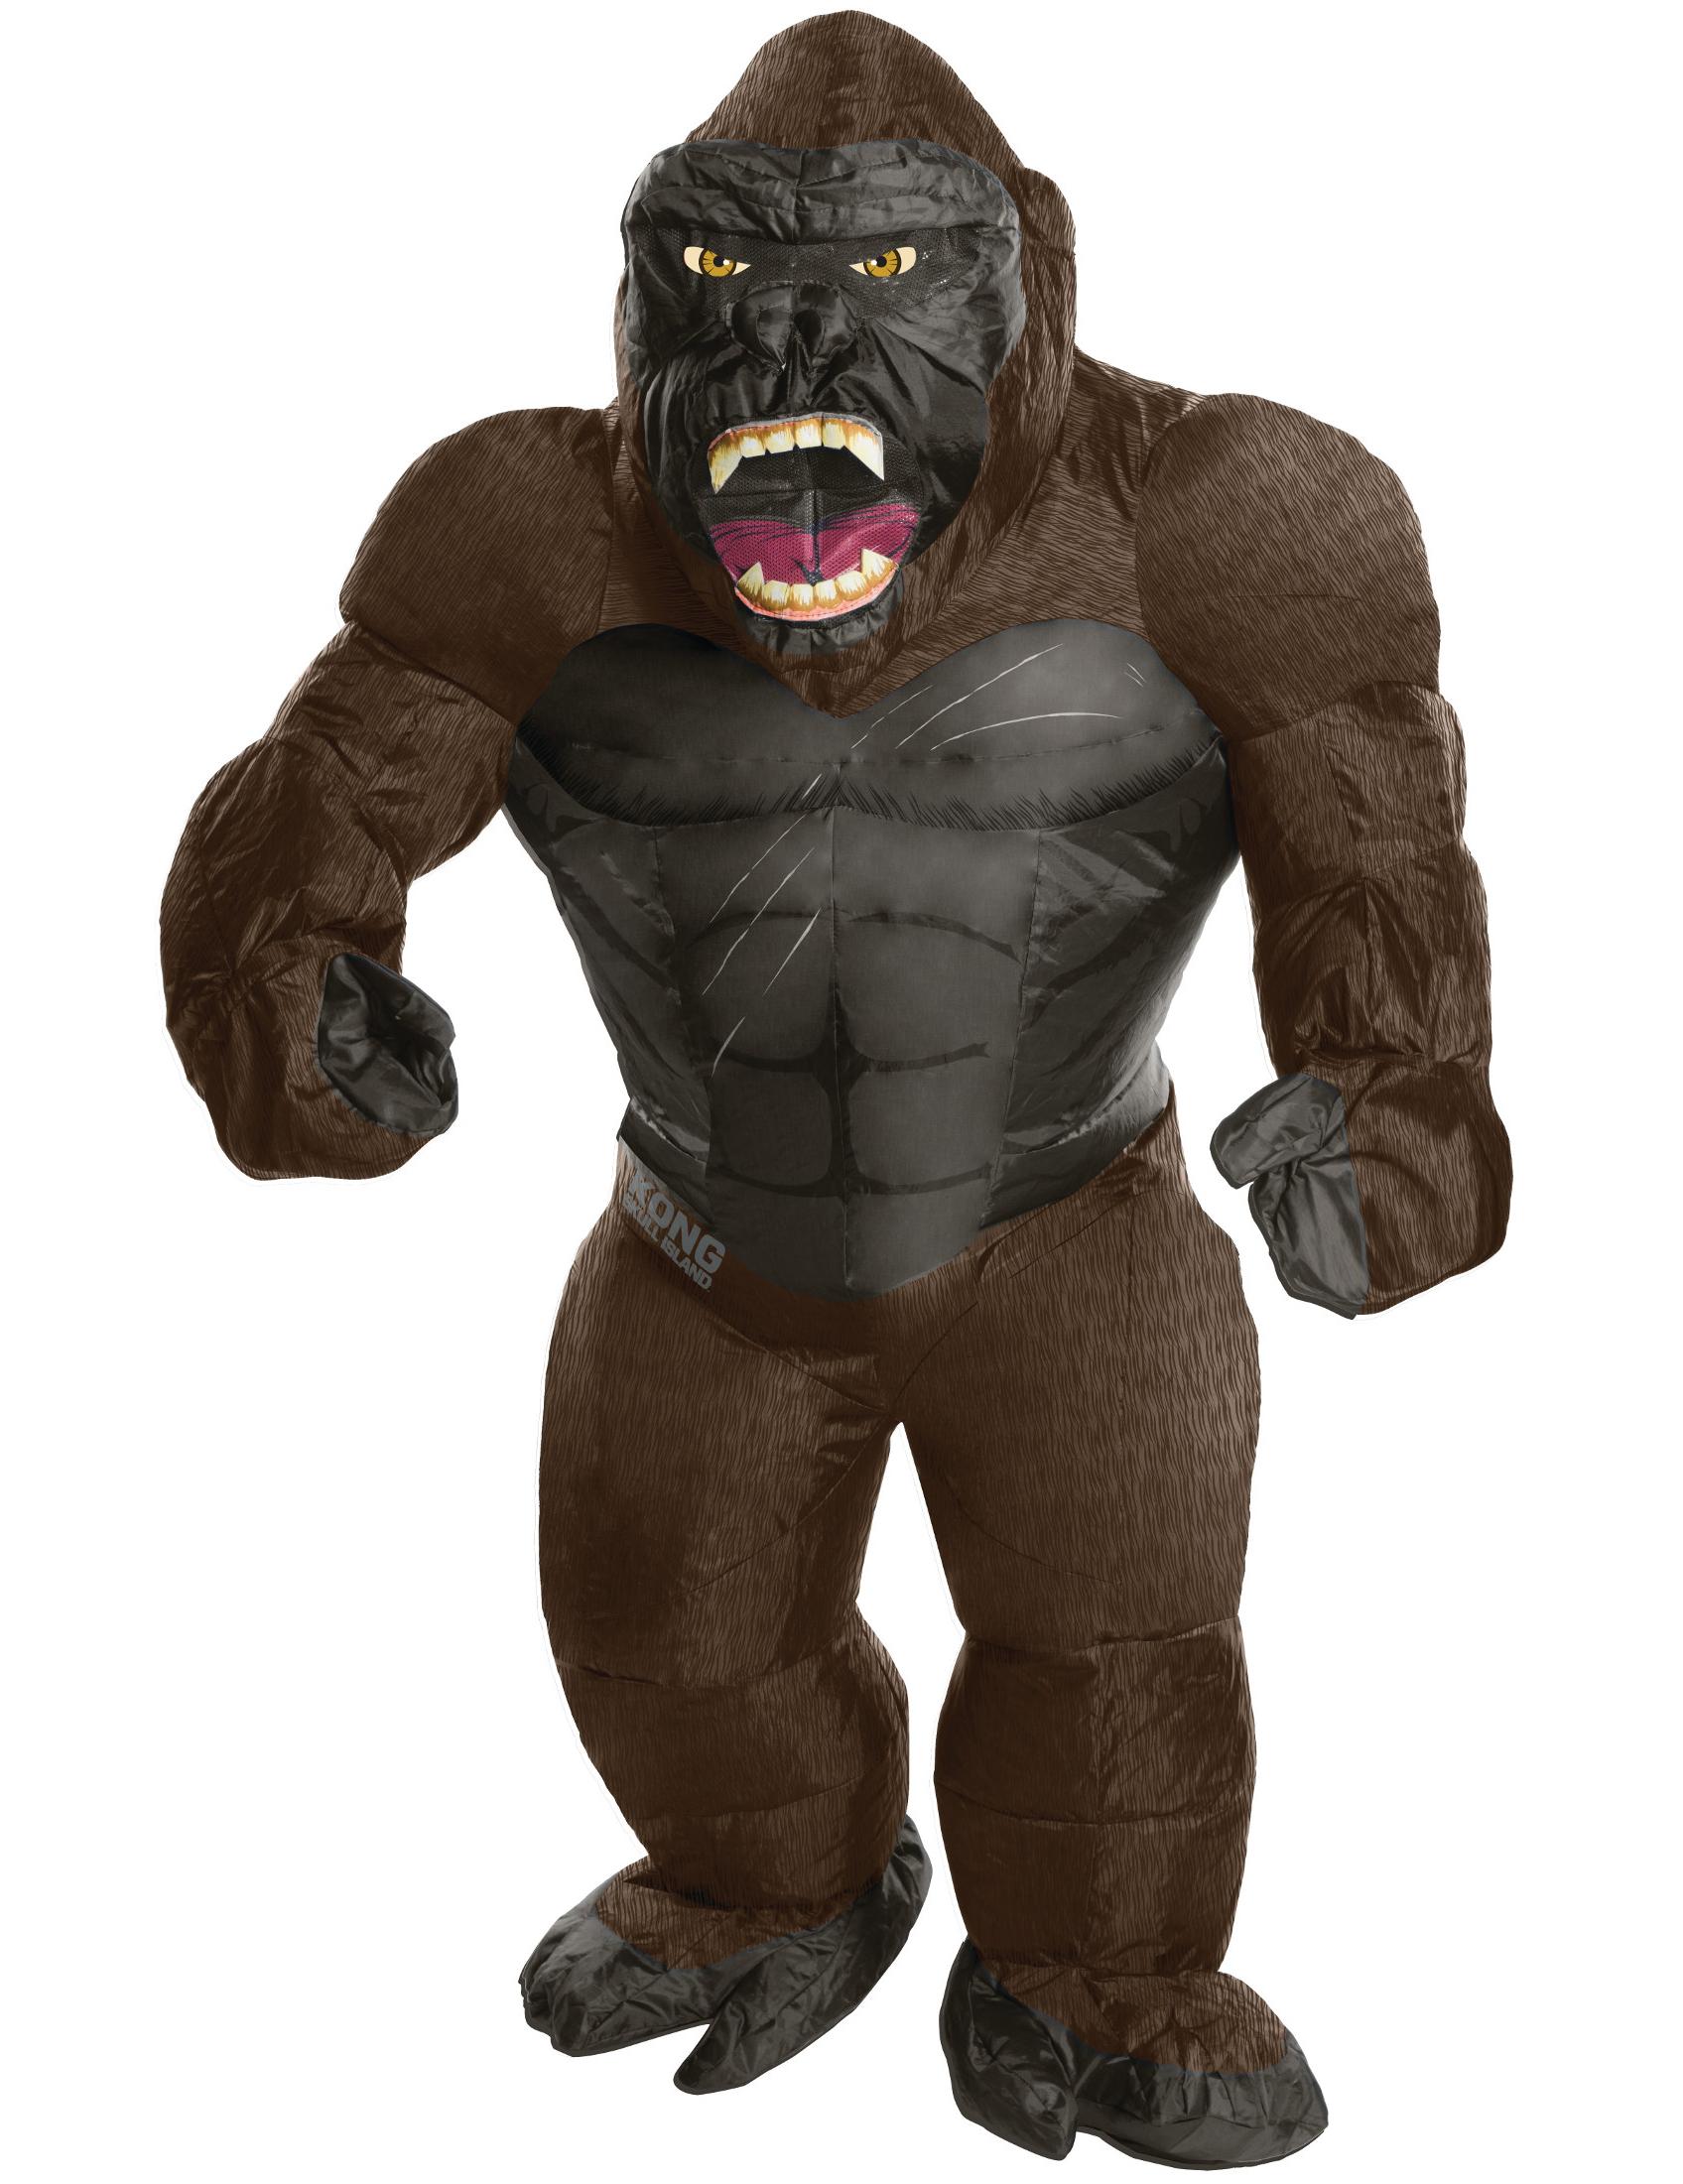 Aufgeblasenes King Kong Kostüm für Erwachsene 281680